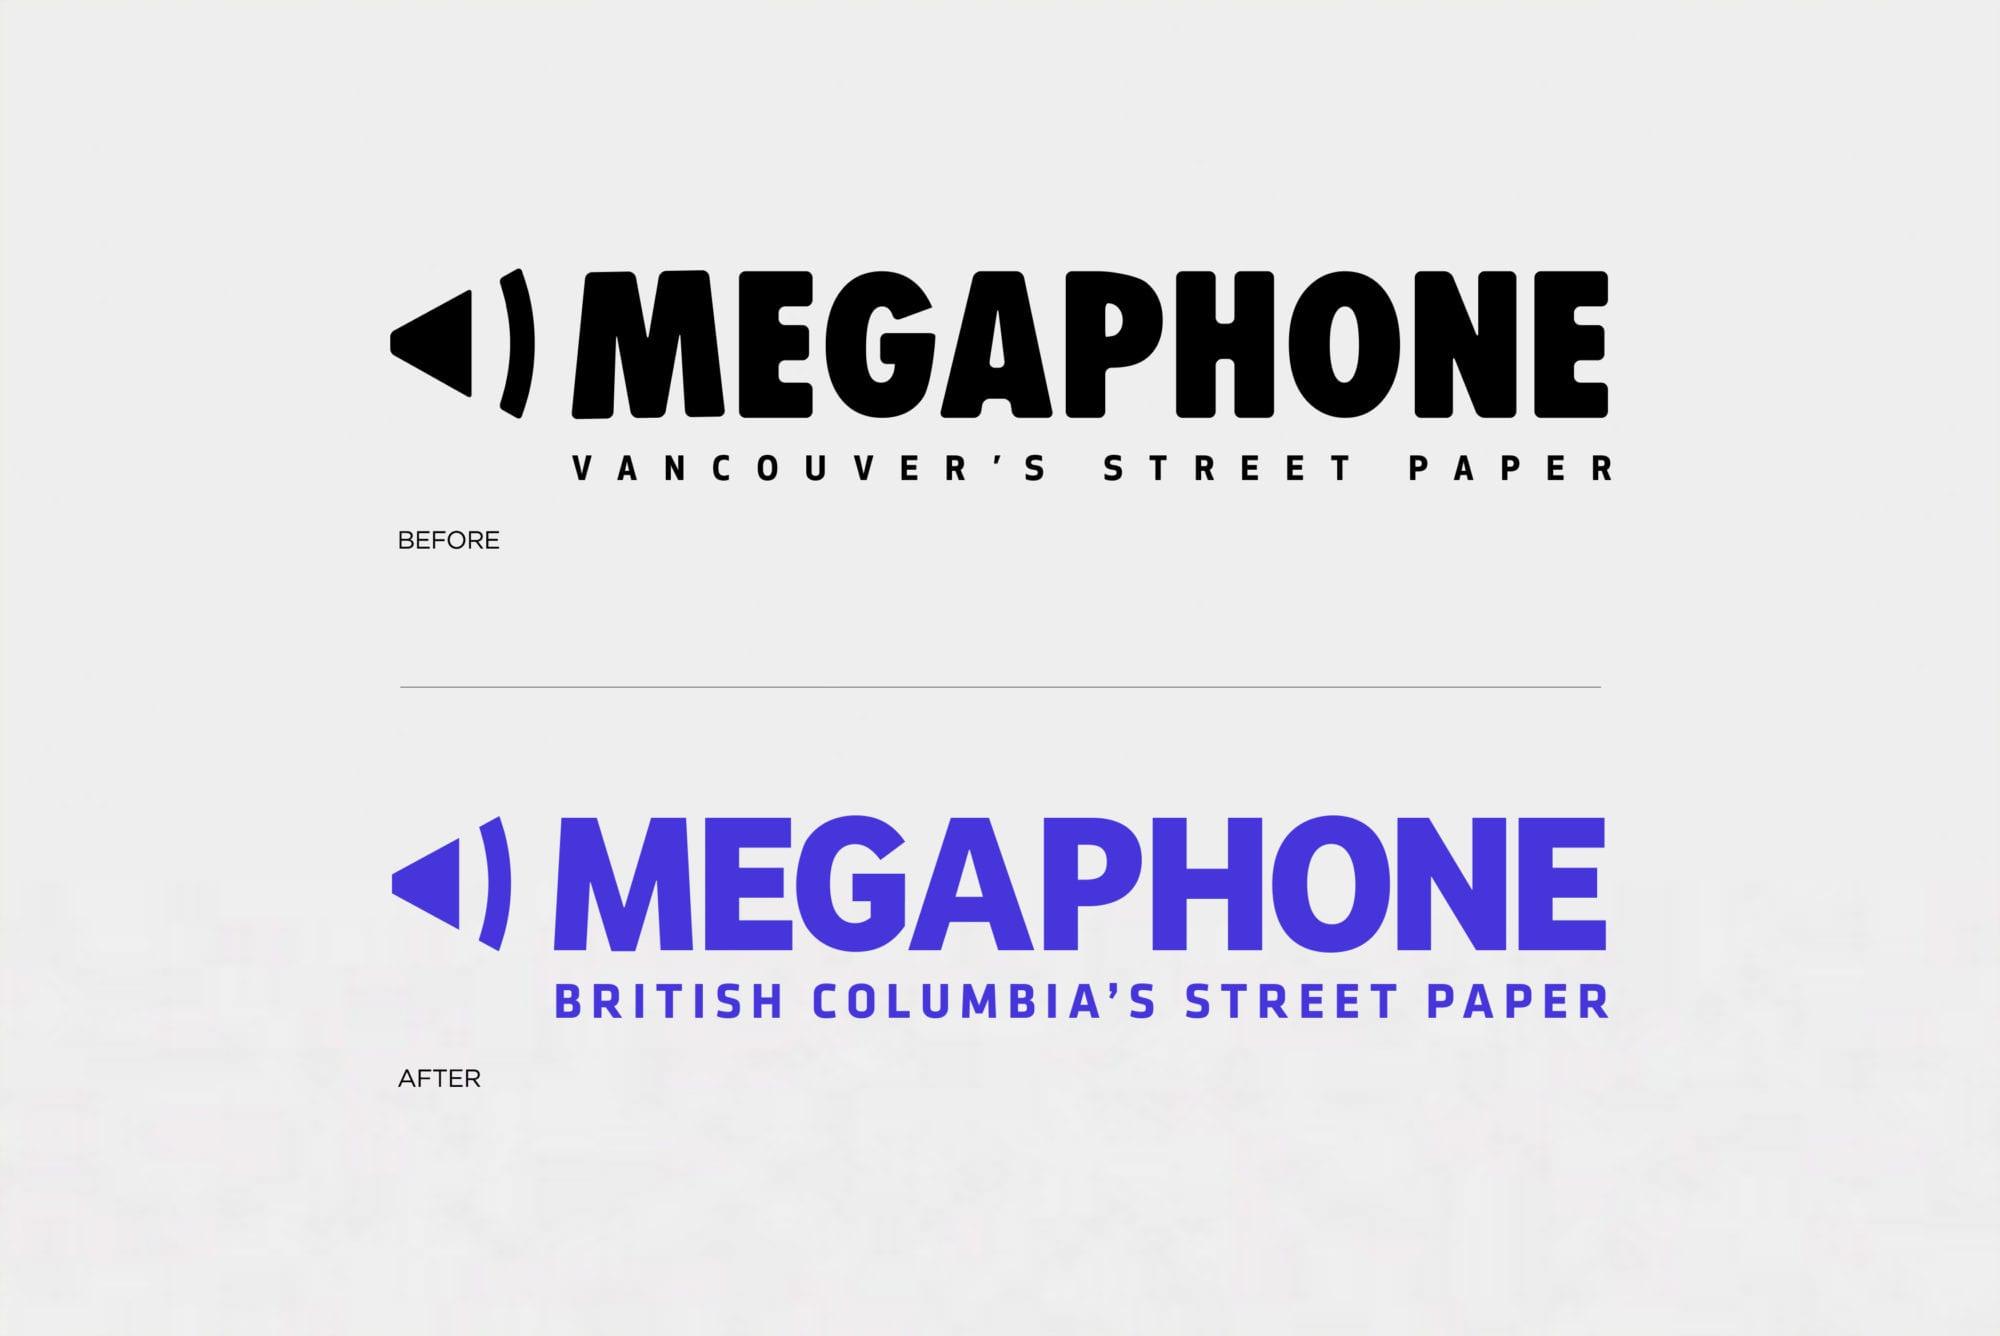 megaphone-web01-2000×1336